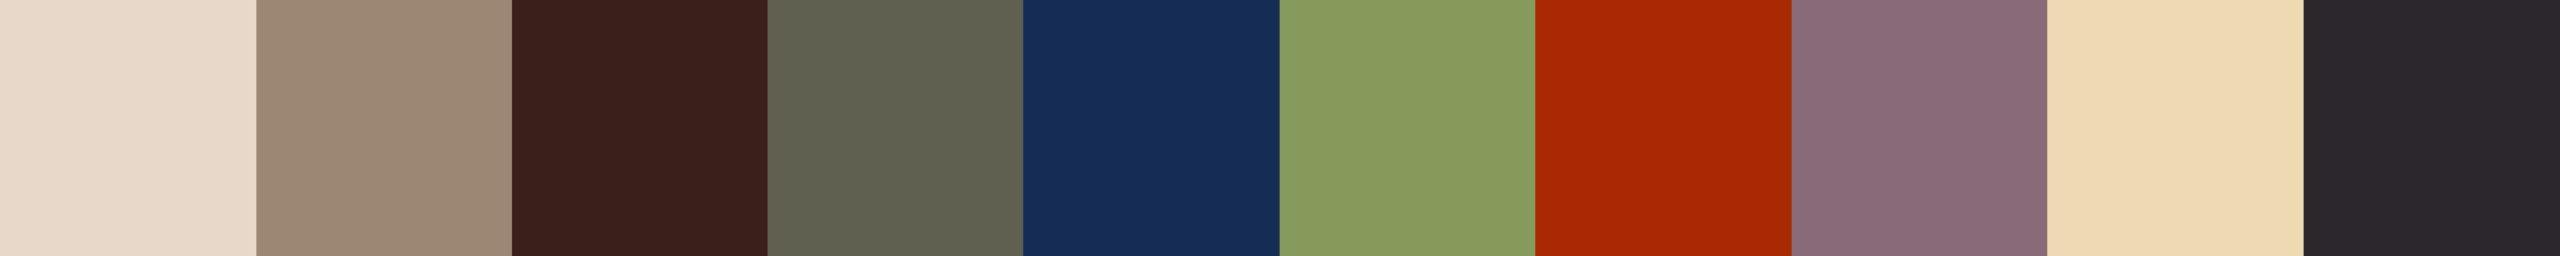 792 Fiorella Color Palette